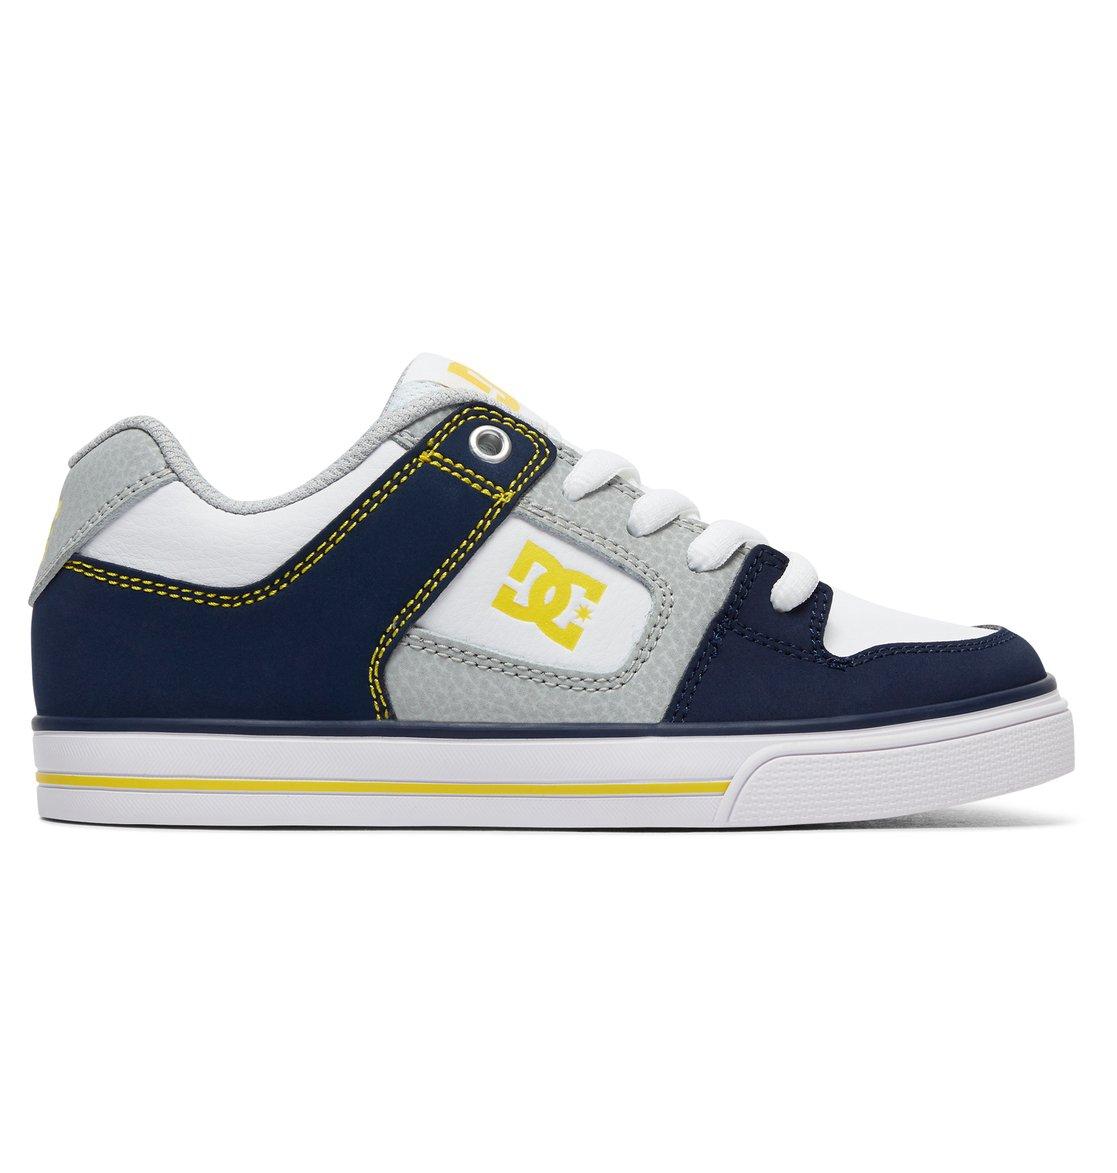 DC Shoes Pure - Shoes - Schuhe - Jungen - EU 30 - Blau 3mFe9